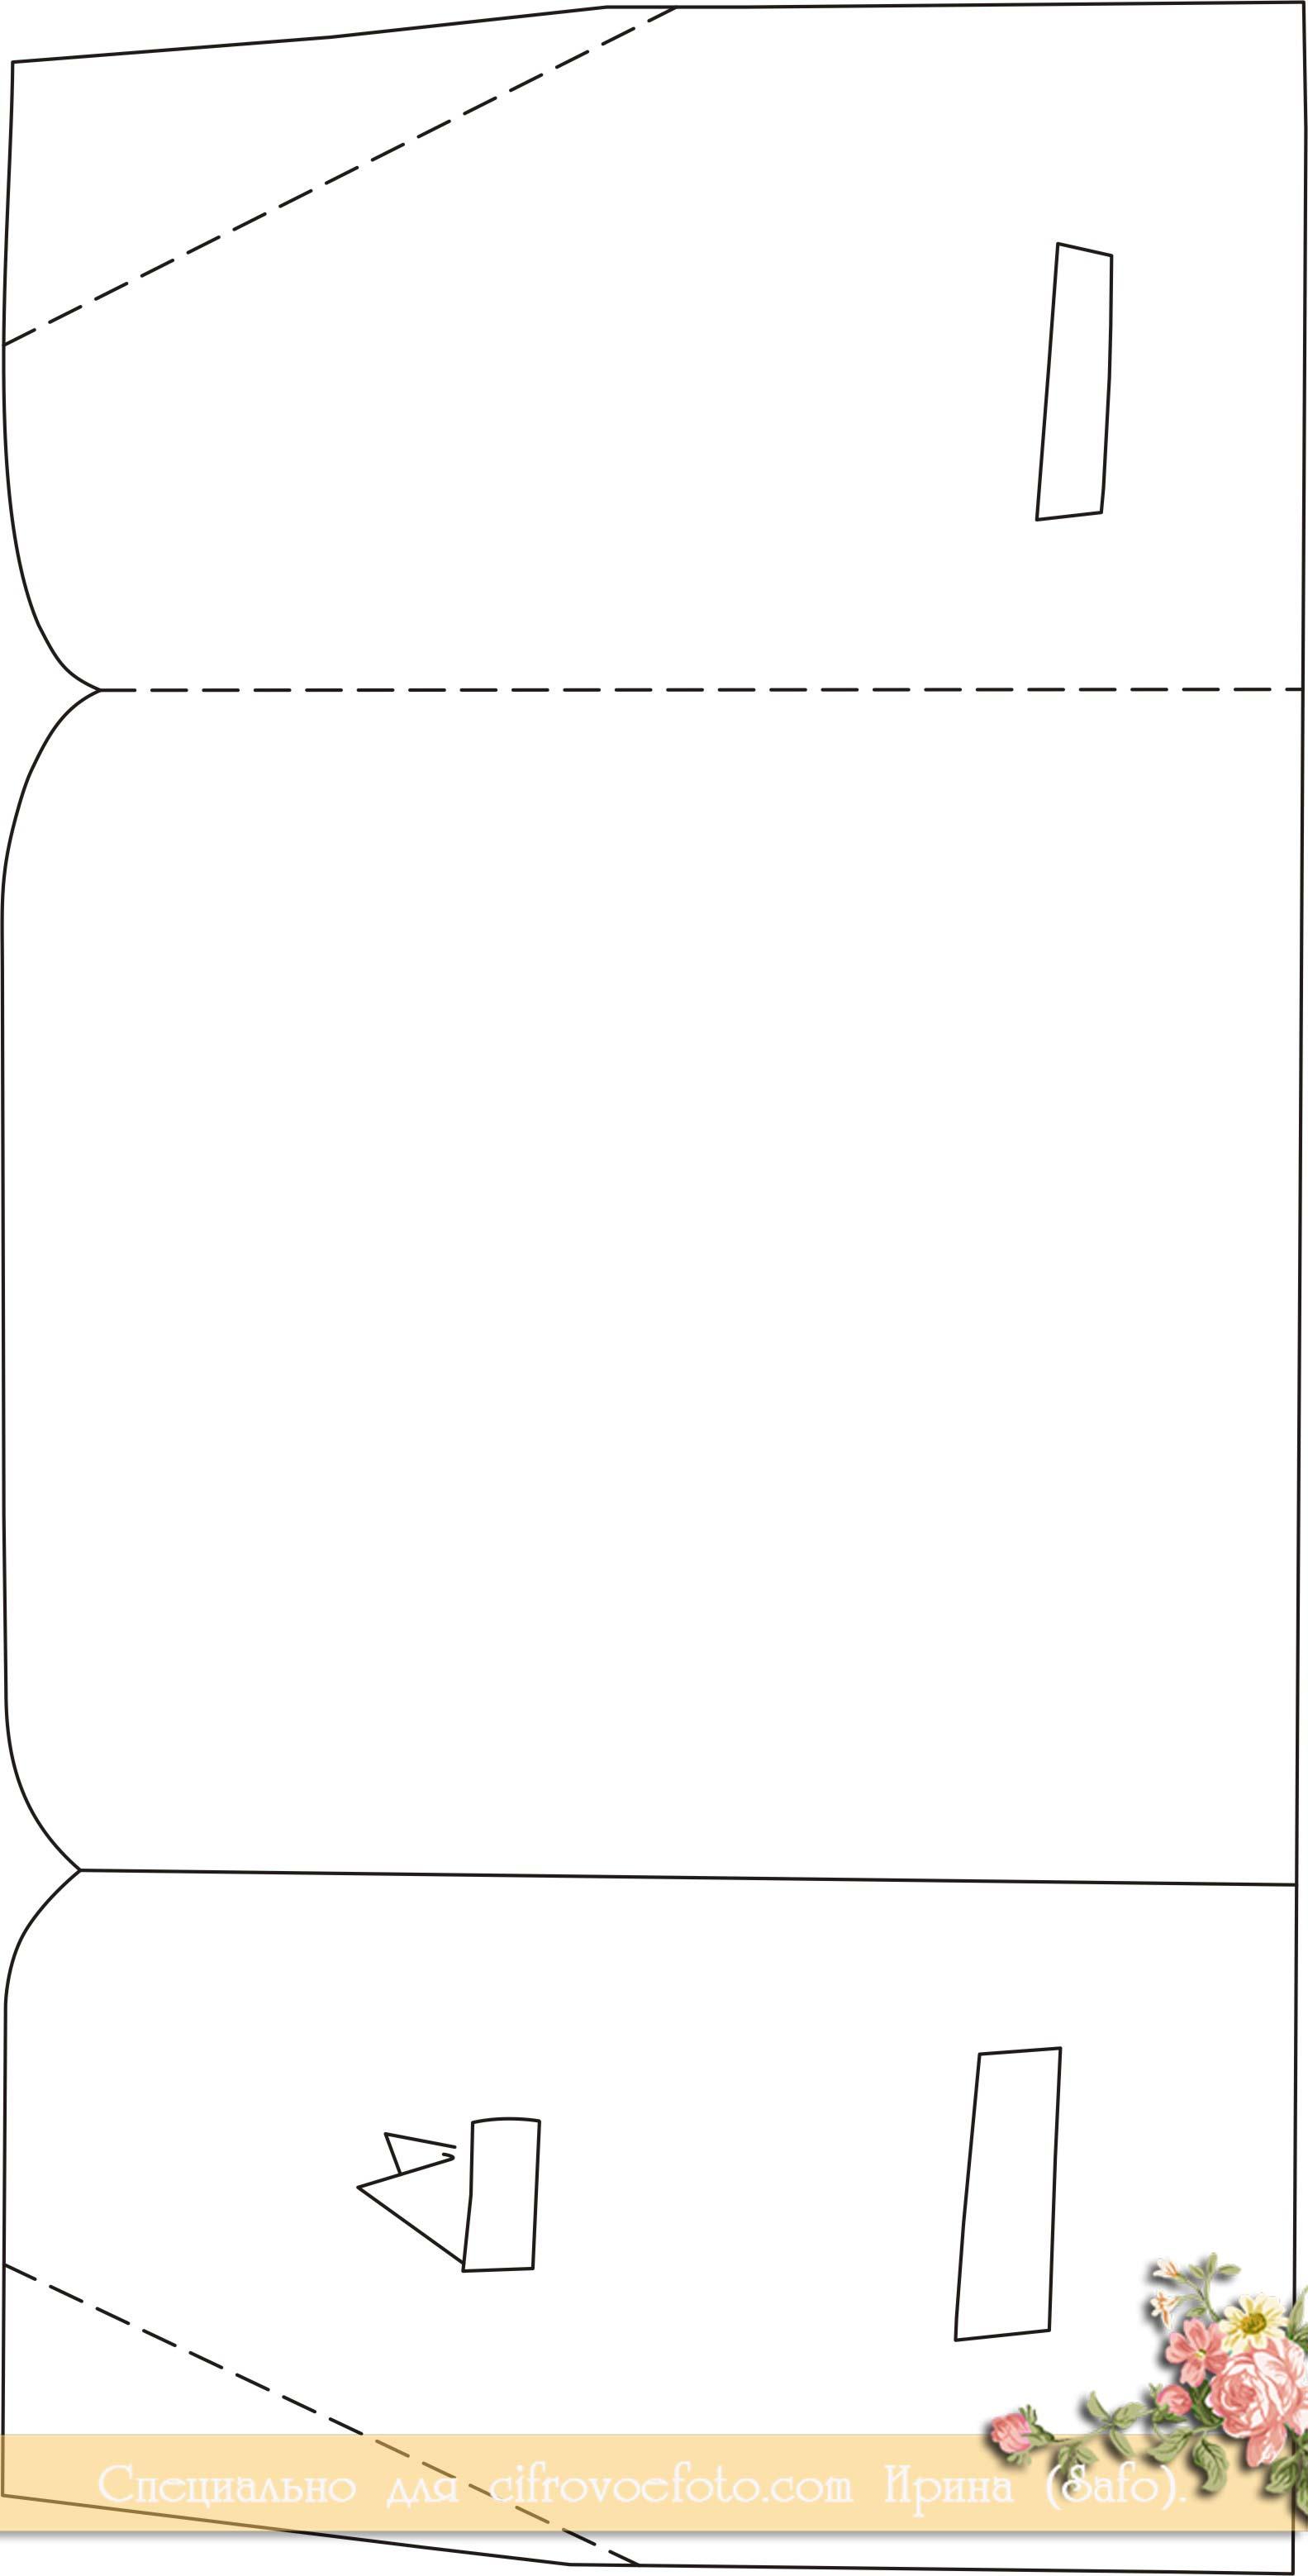 Арина картинки, открытки с 23 февраля своими руками схемы